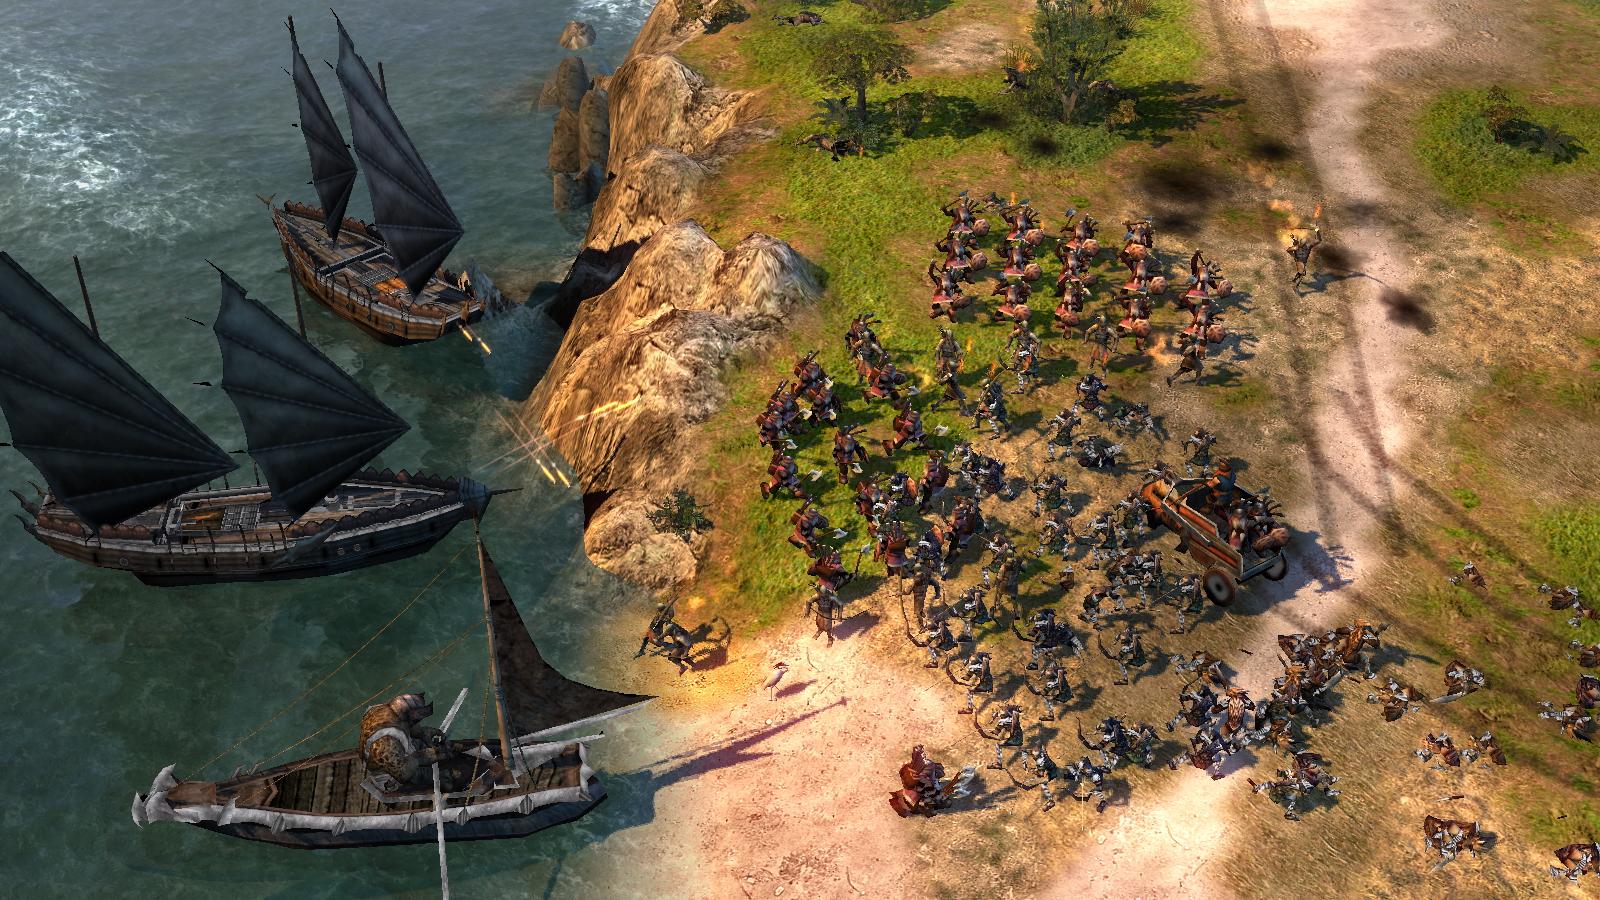 Herr der Ringe Games - Die Schlacht um Mittelerde 2 - Landung von Orks am Ufer